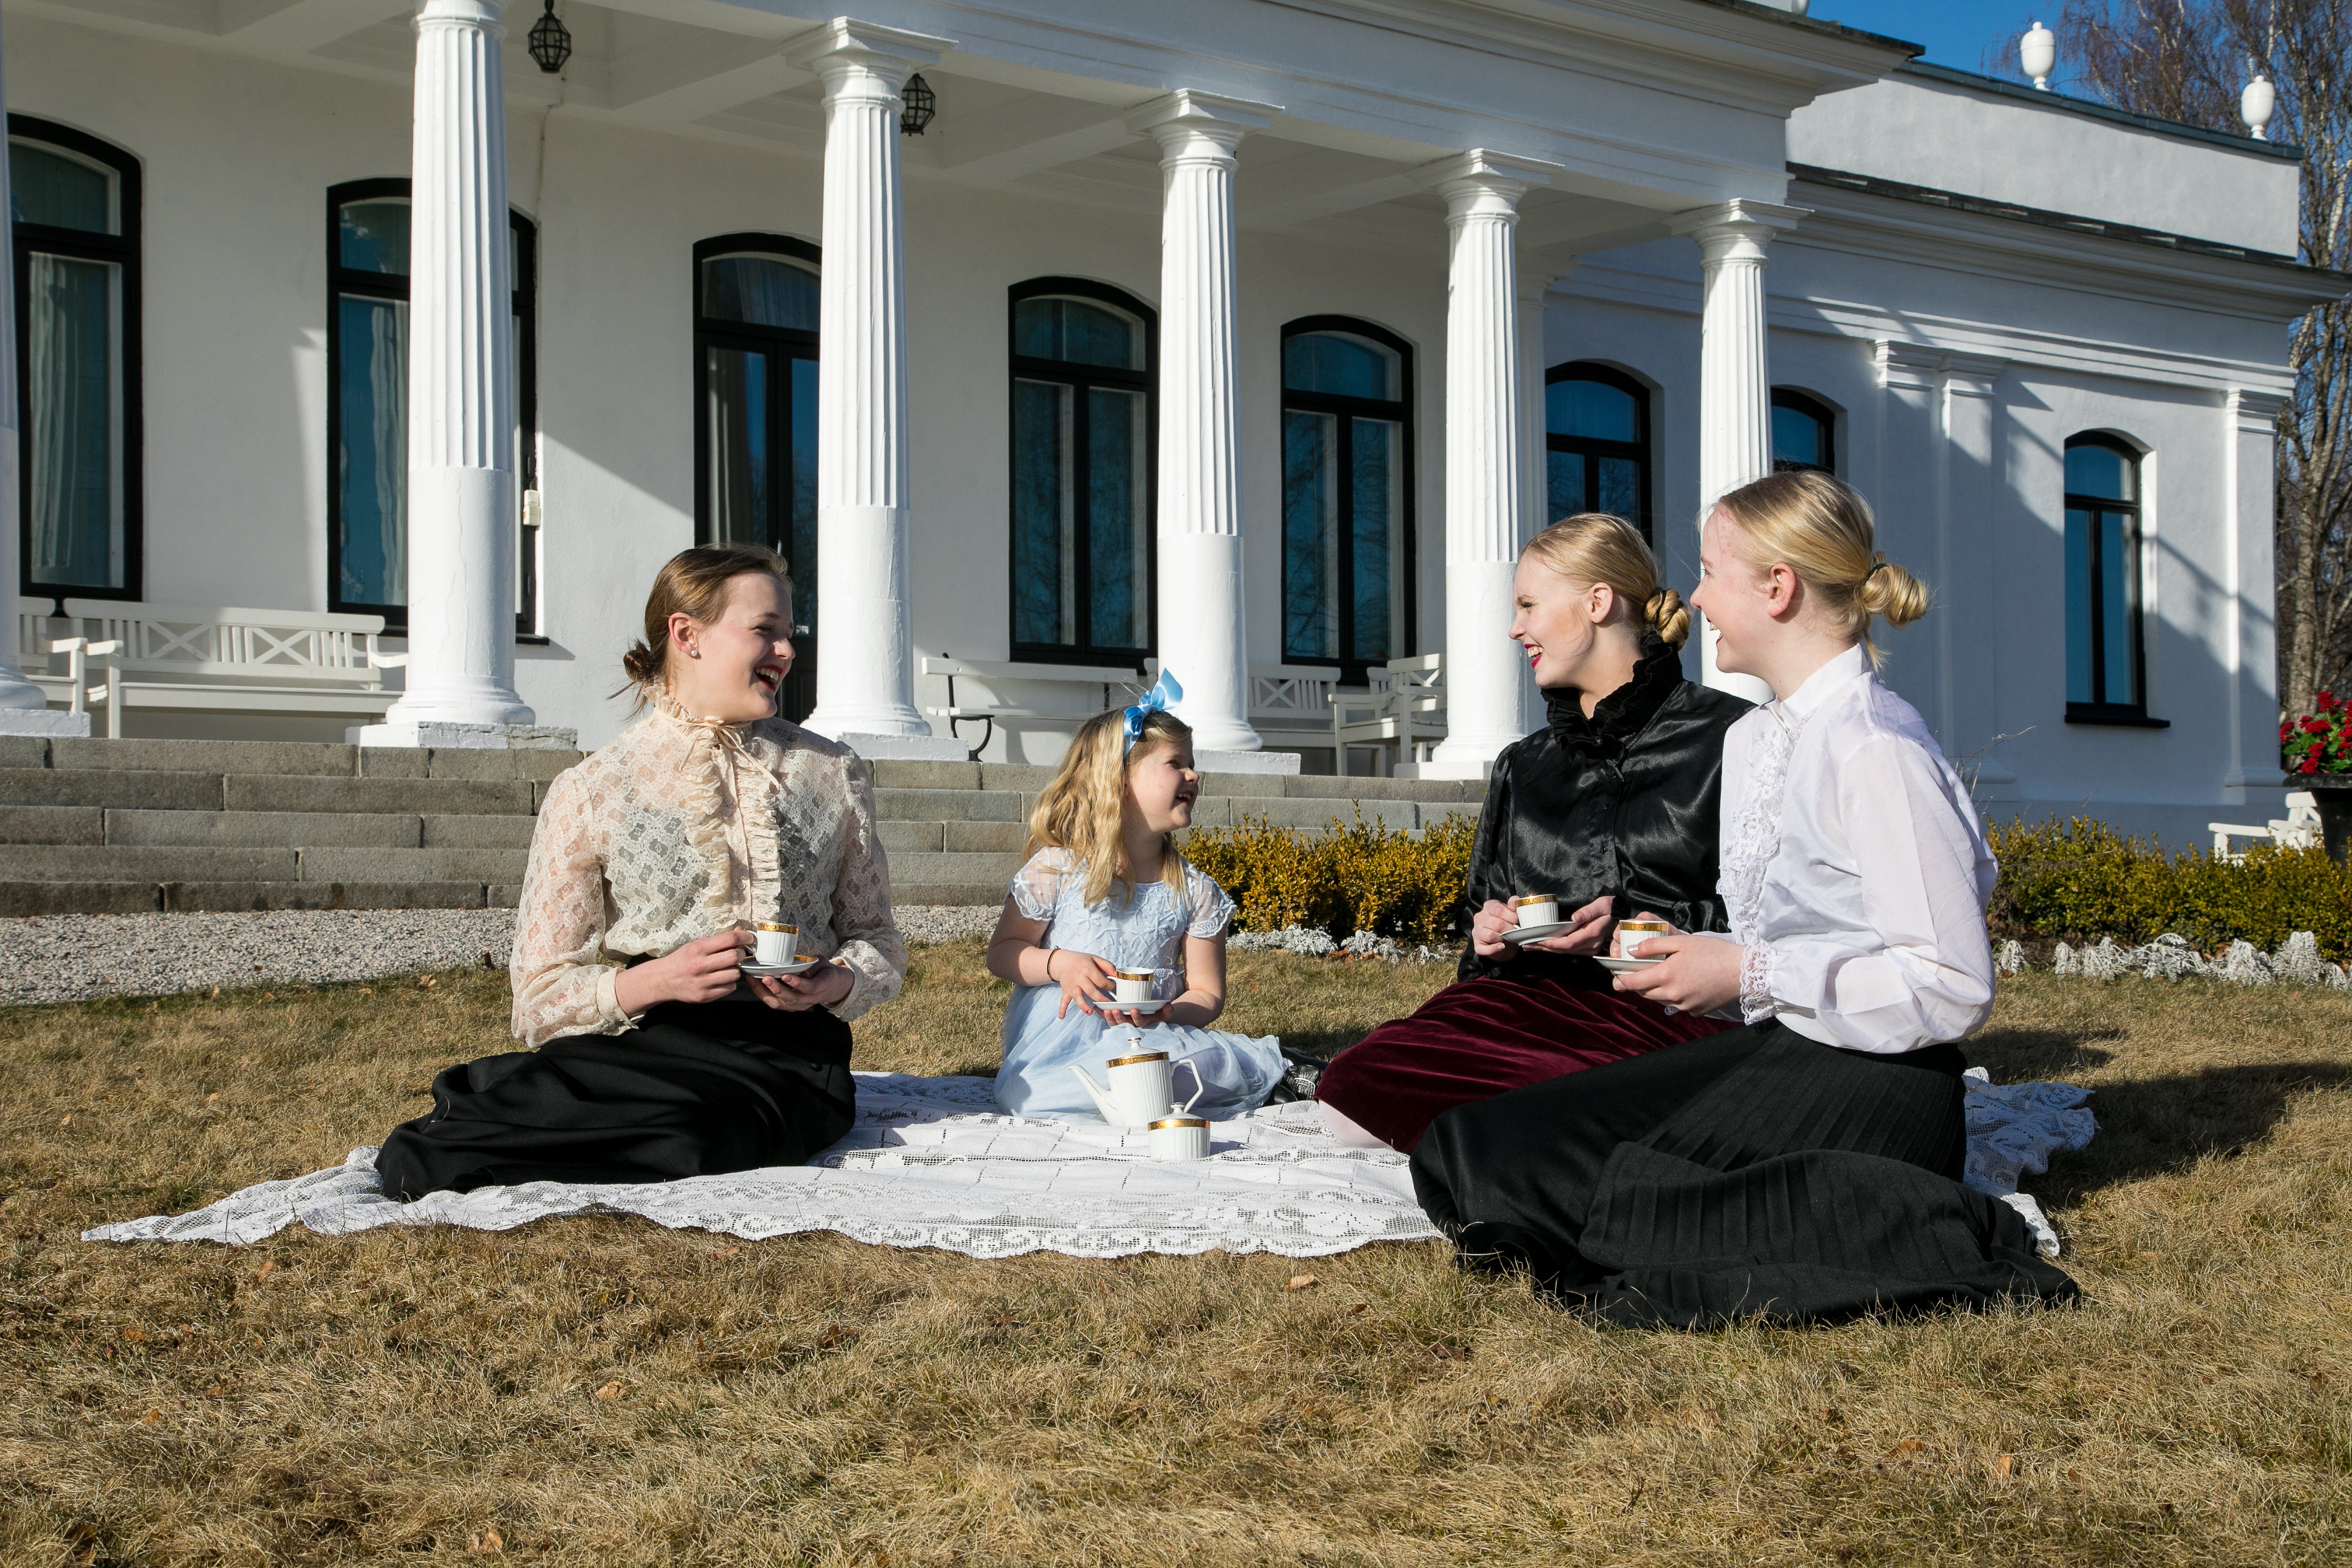 I sommersesongen har vi forskjellige barneaktiviteter på Ulefos Hovedgaard. Dette bilde er fra teselskap hvor barna storkoste seg.